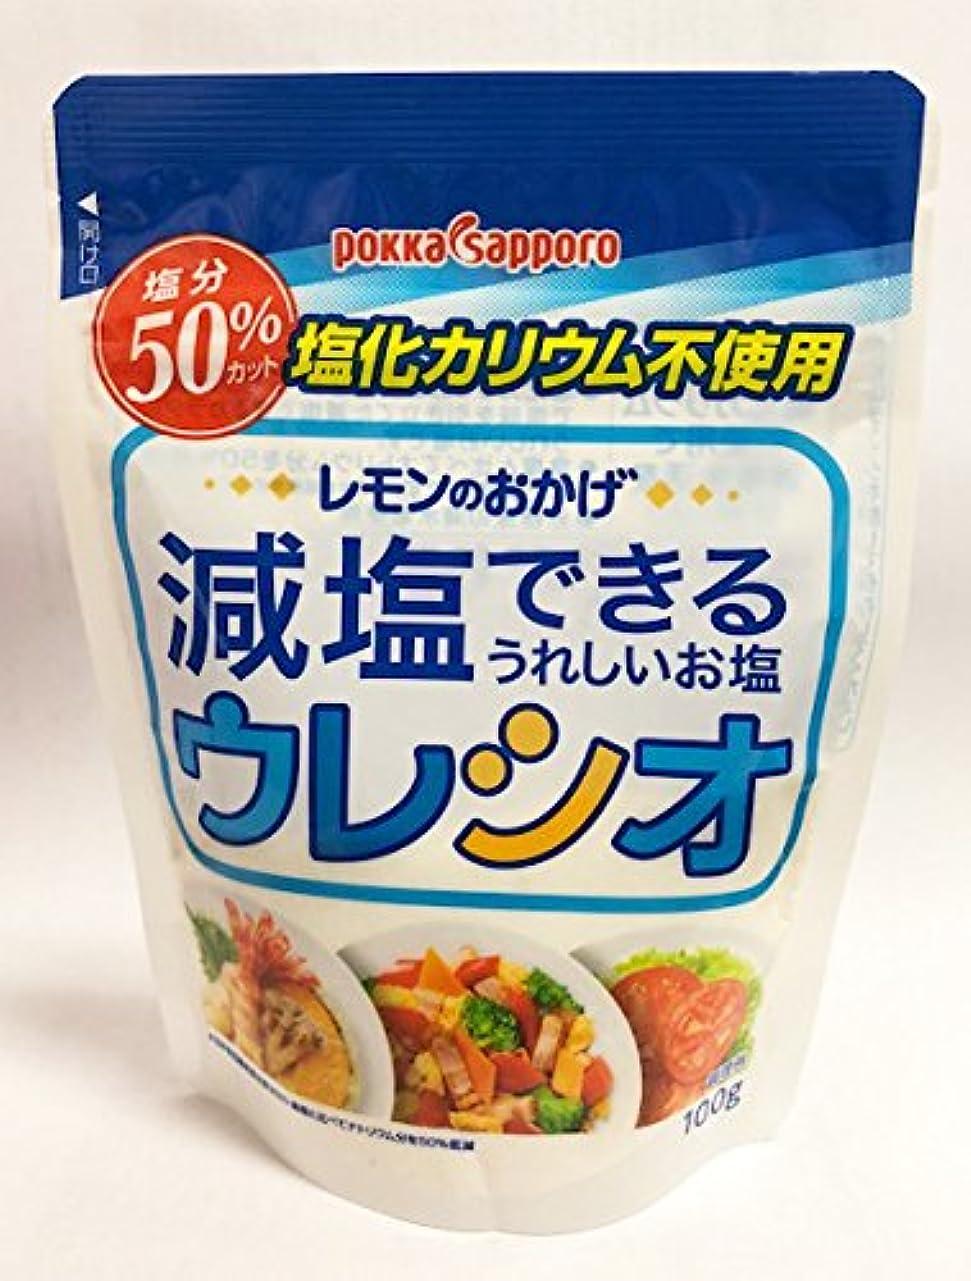 肉屋管理視聴者ポッカ レモンのおかげウレシオ 100g【5個セット】